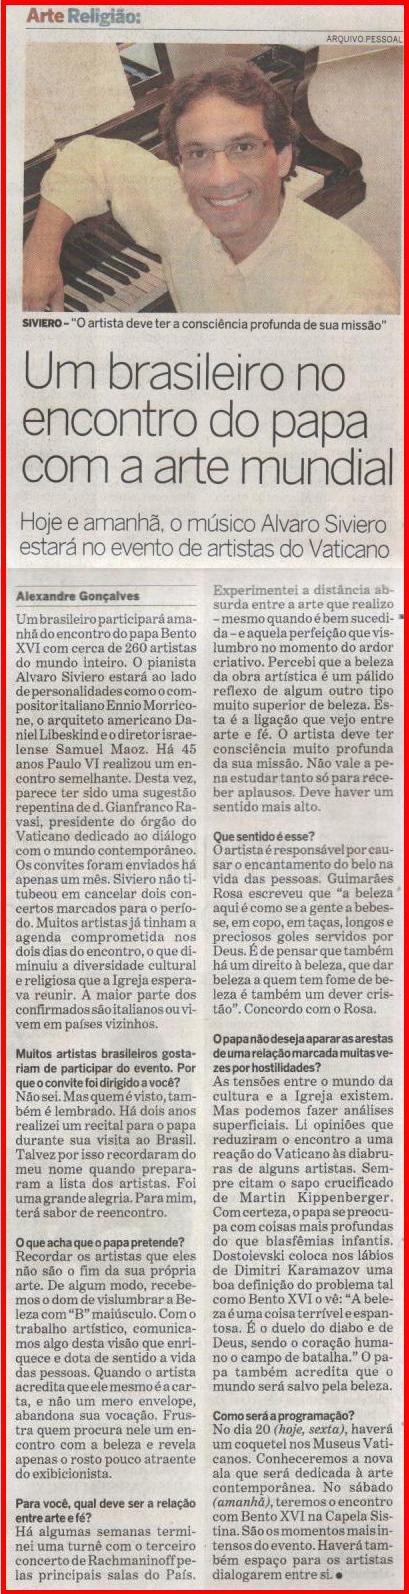 O Estado de S.Paulo_20_11_09